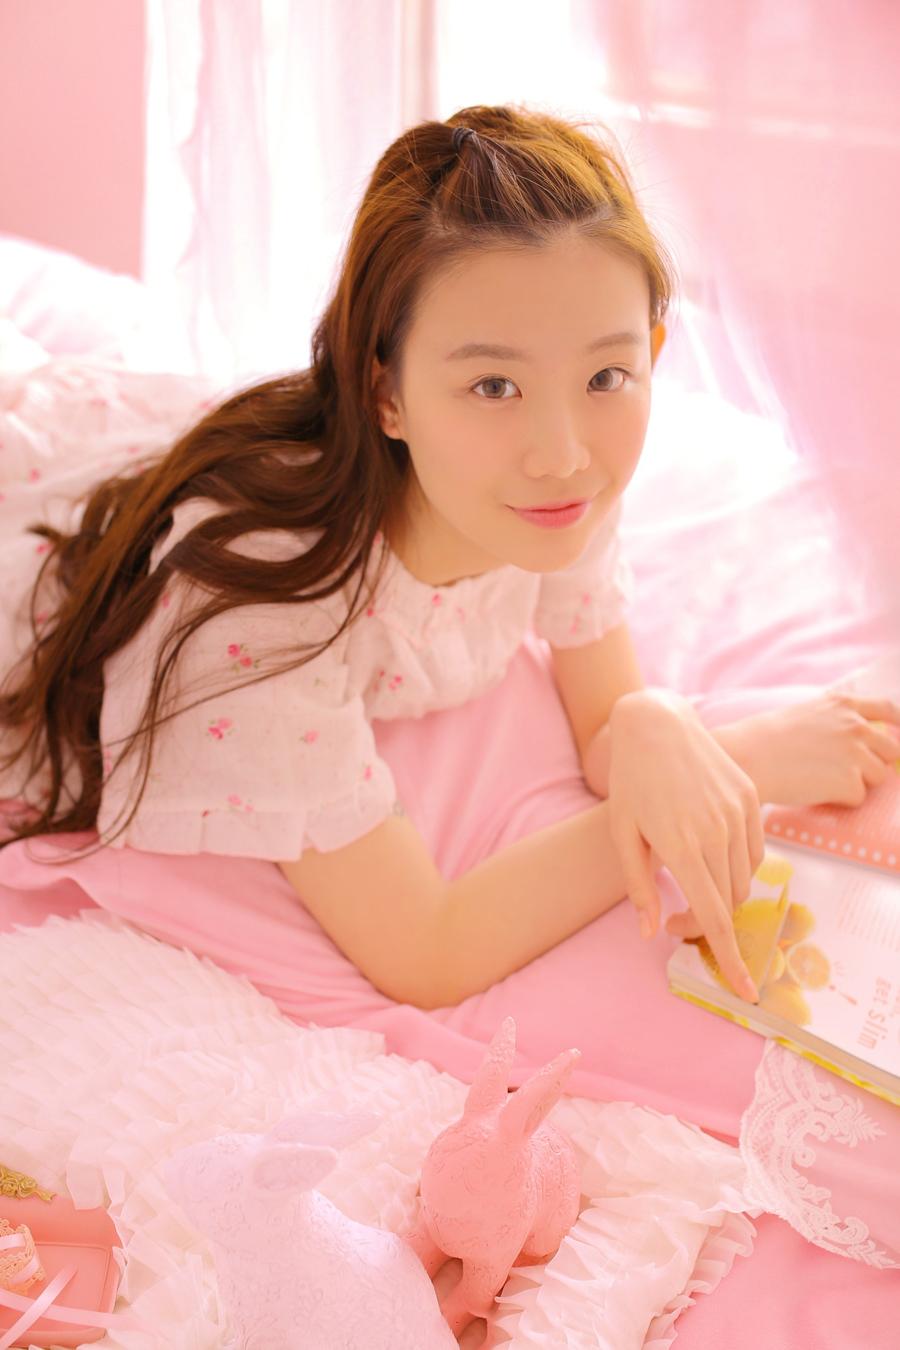 清纯可爱少女粉色睡衣写真,大大的眼睛、清澈的眼神